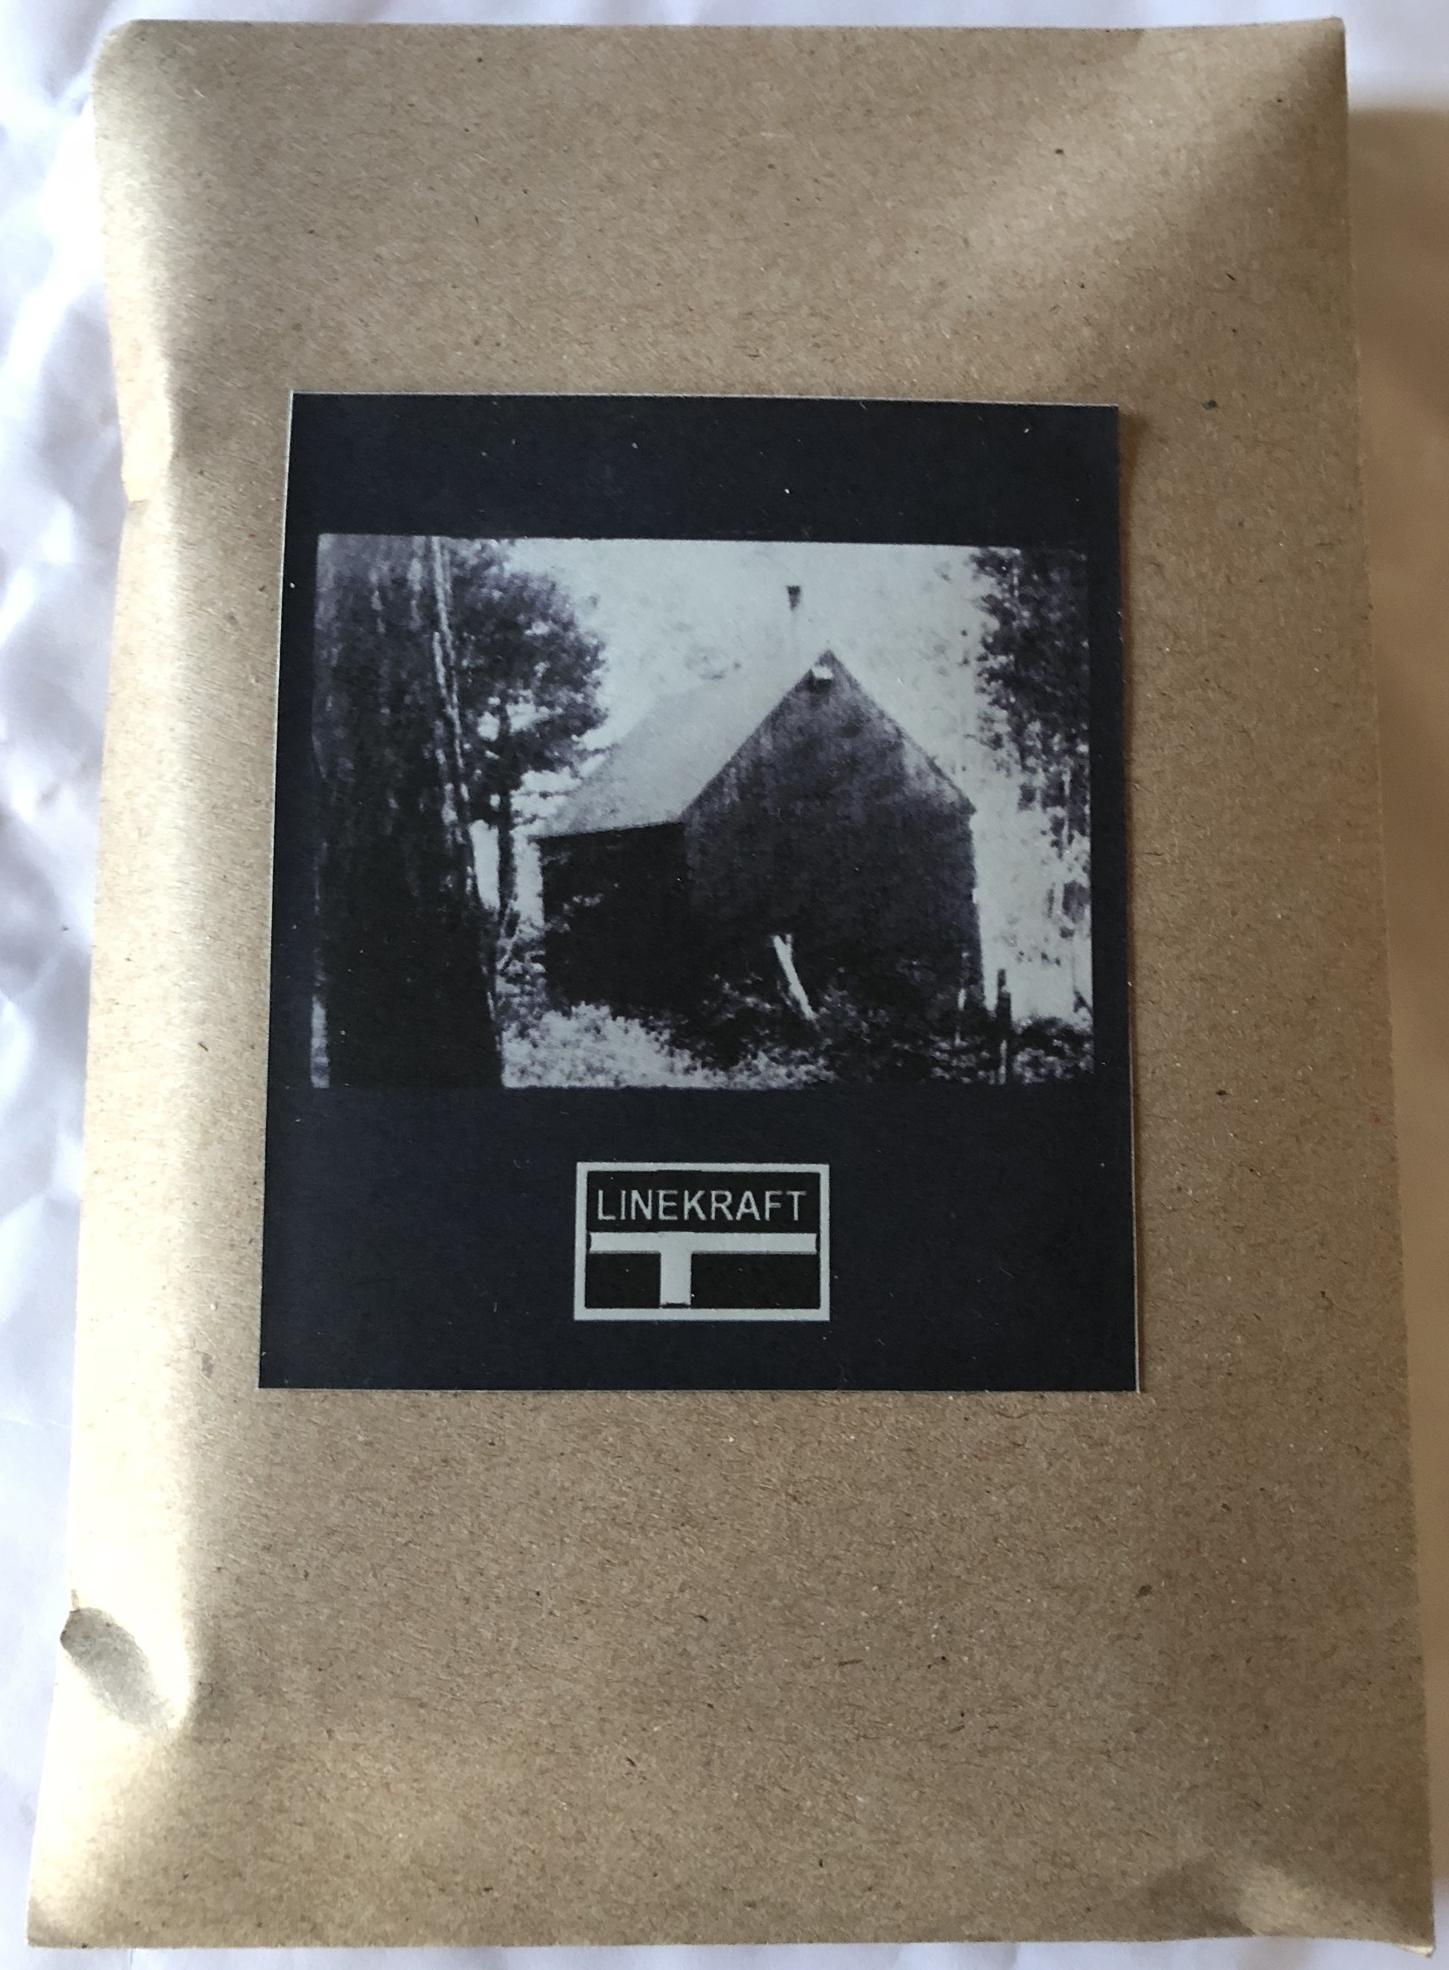 Linekraft - Kikai Chudoku  Tape - 画像1